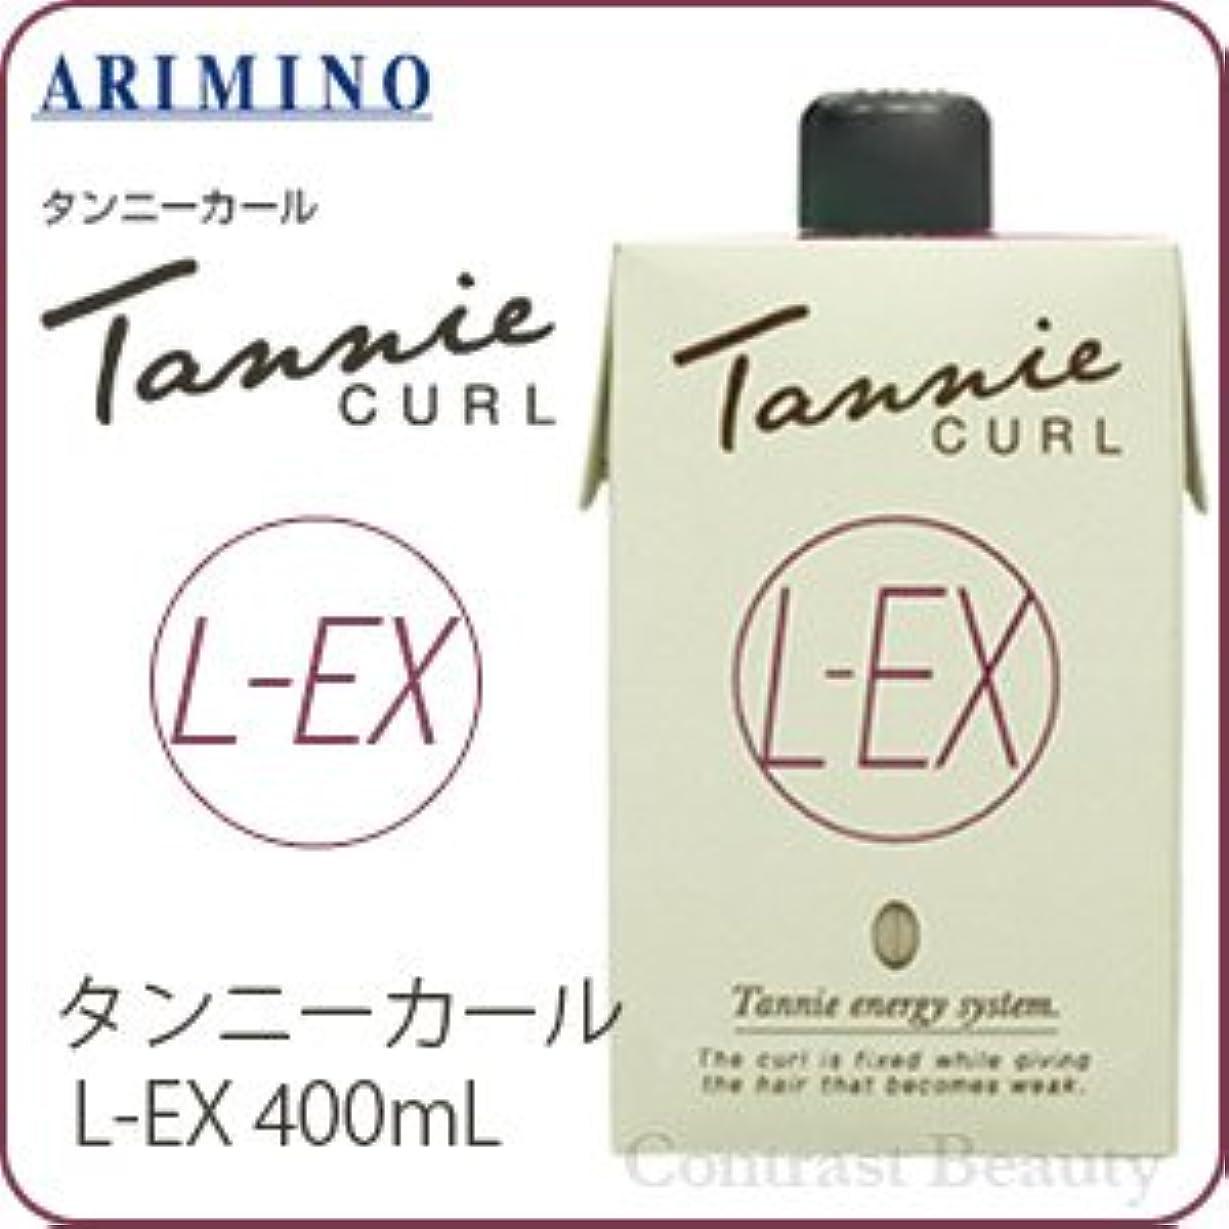 方法論ポンペイルート【X2個セット】 アリミノ タンニーカール L-EX 400ml